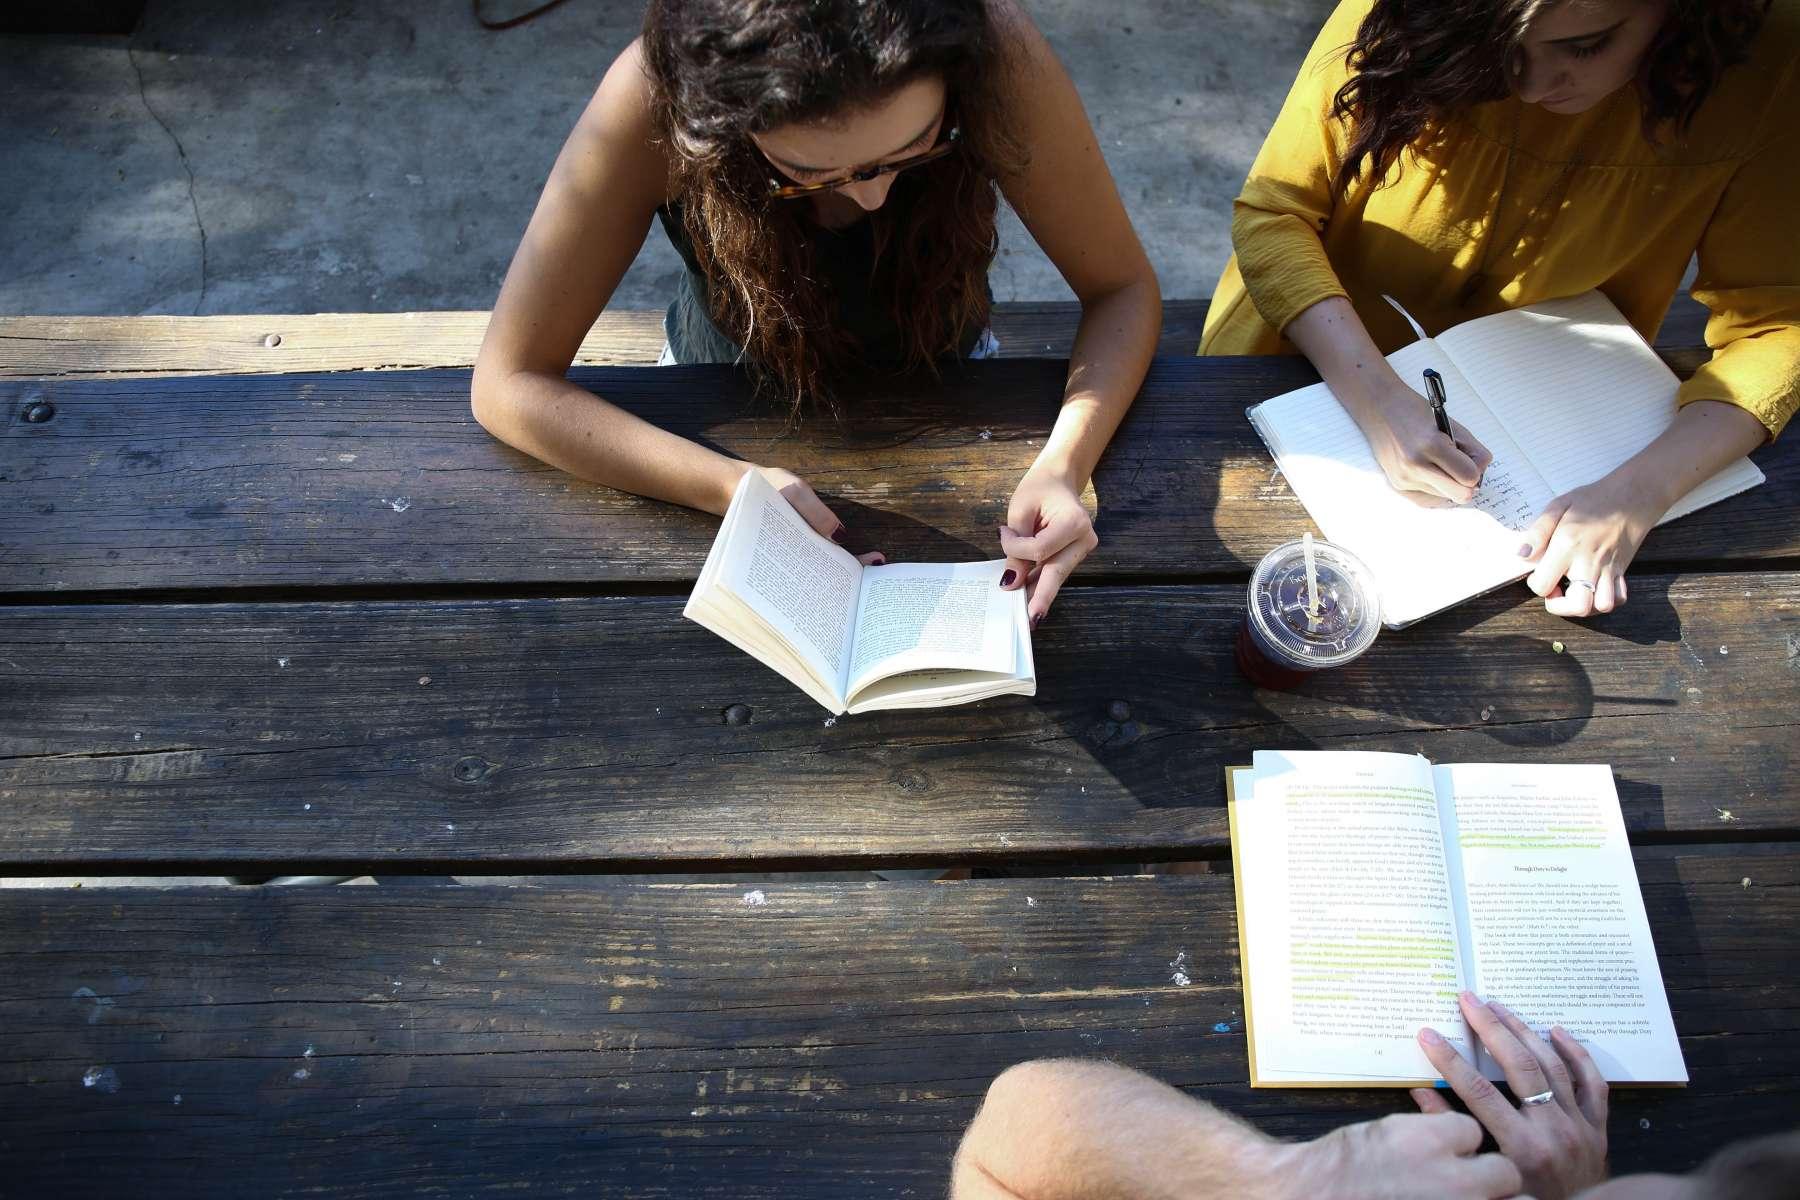 Enseignement: une ligne téléphonique pour aider les élèves à faire leurs devoirs